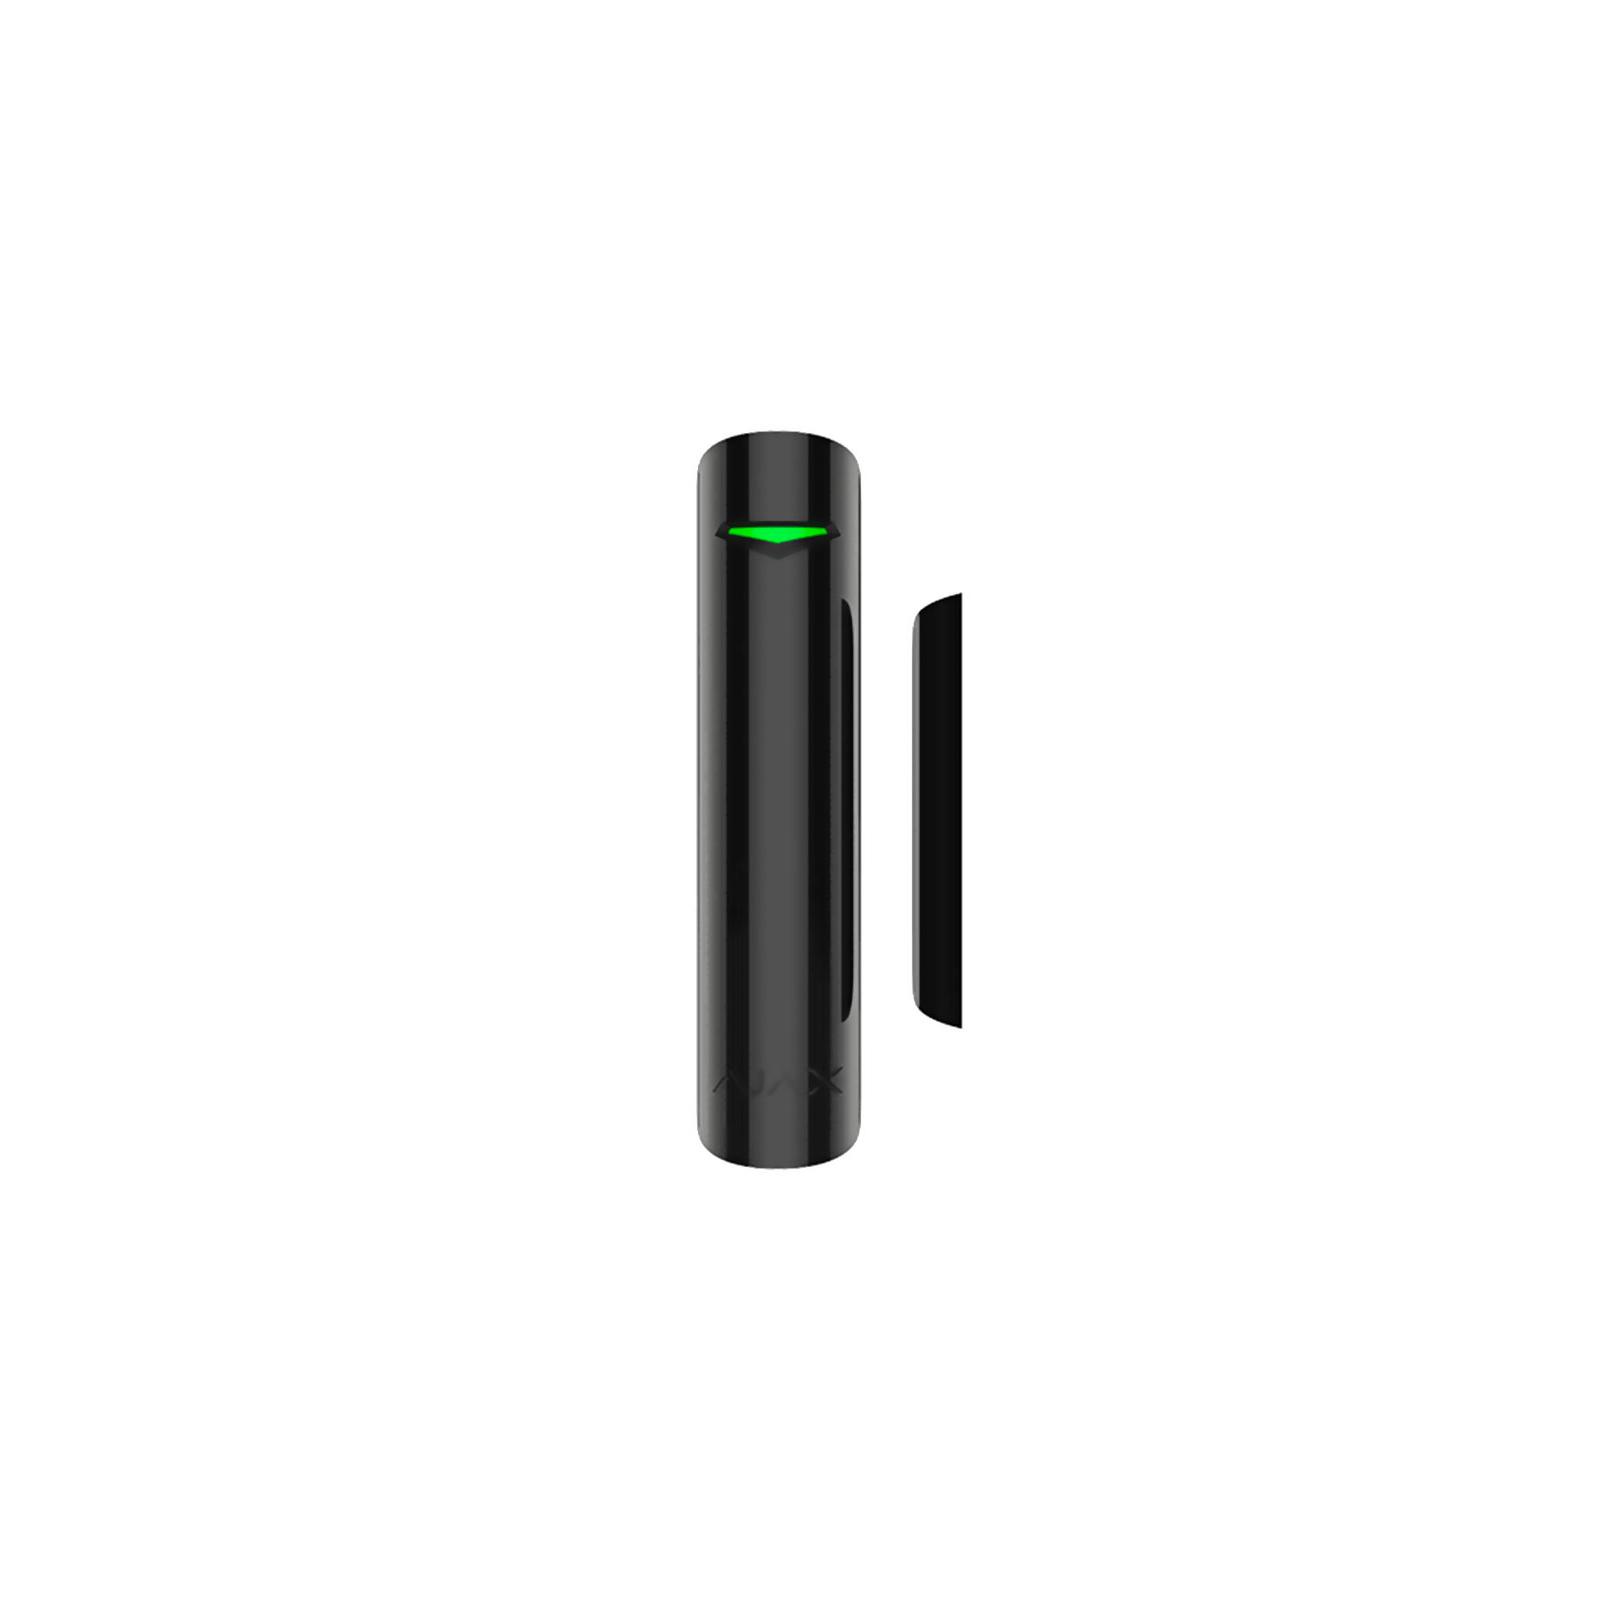 Датчик открытия Ajax DoorProtect /black изображение 5